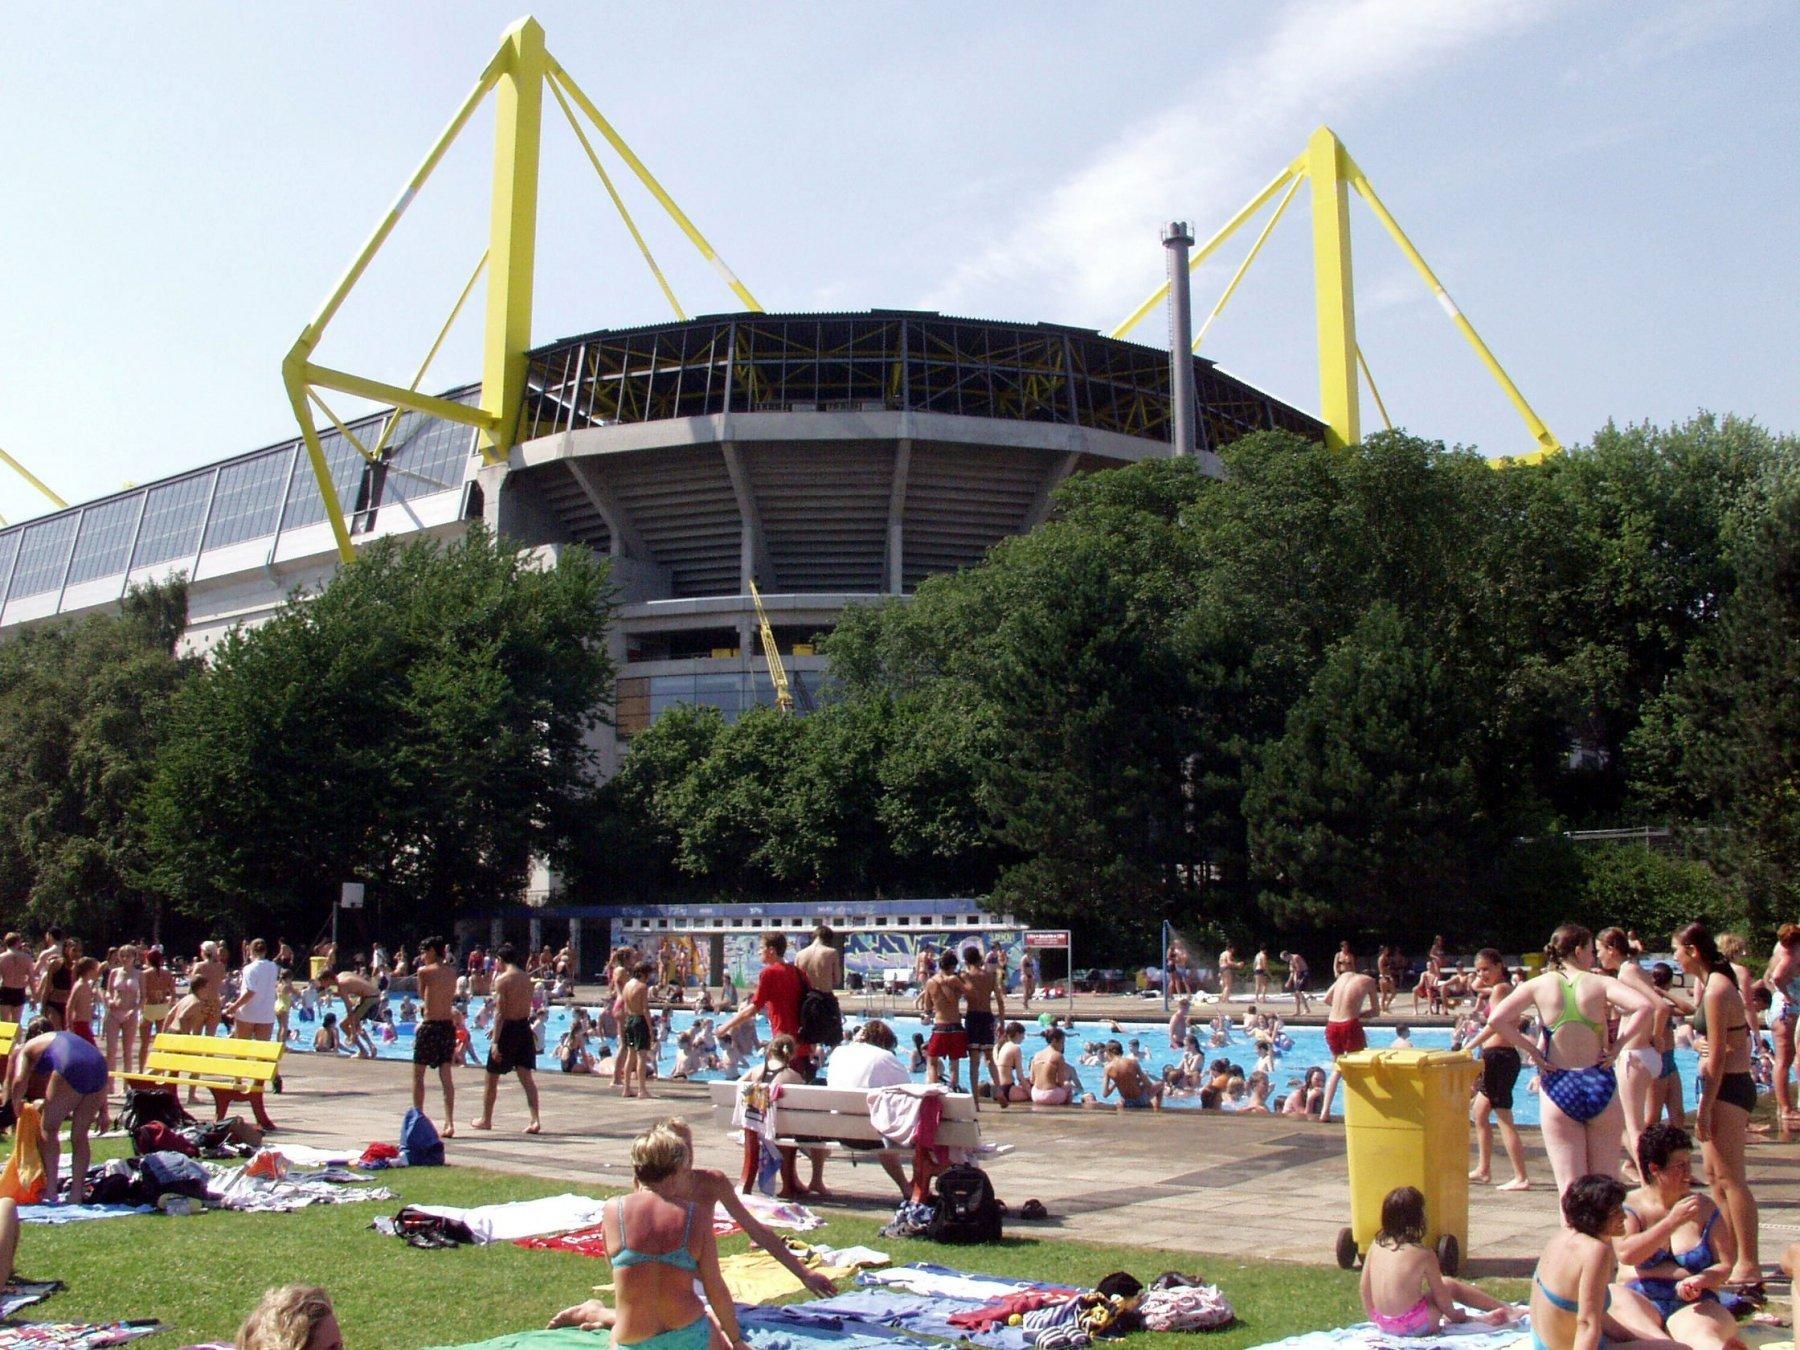 Foto: Anneke Wardenbach, Stadt Dortmund